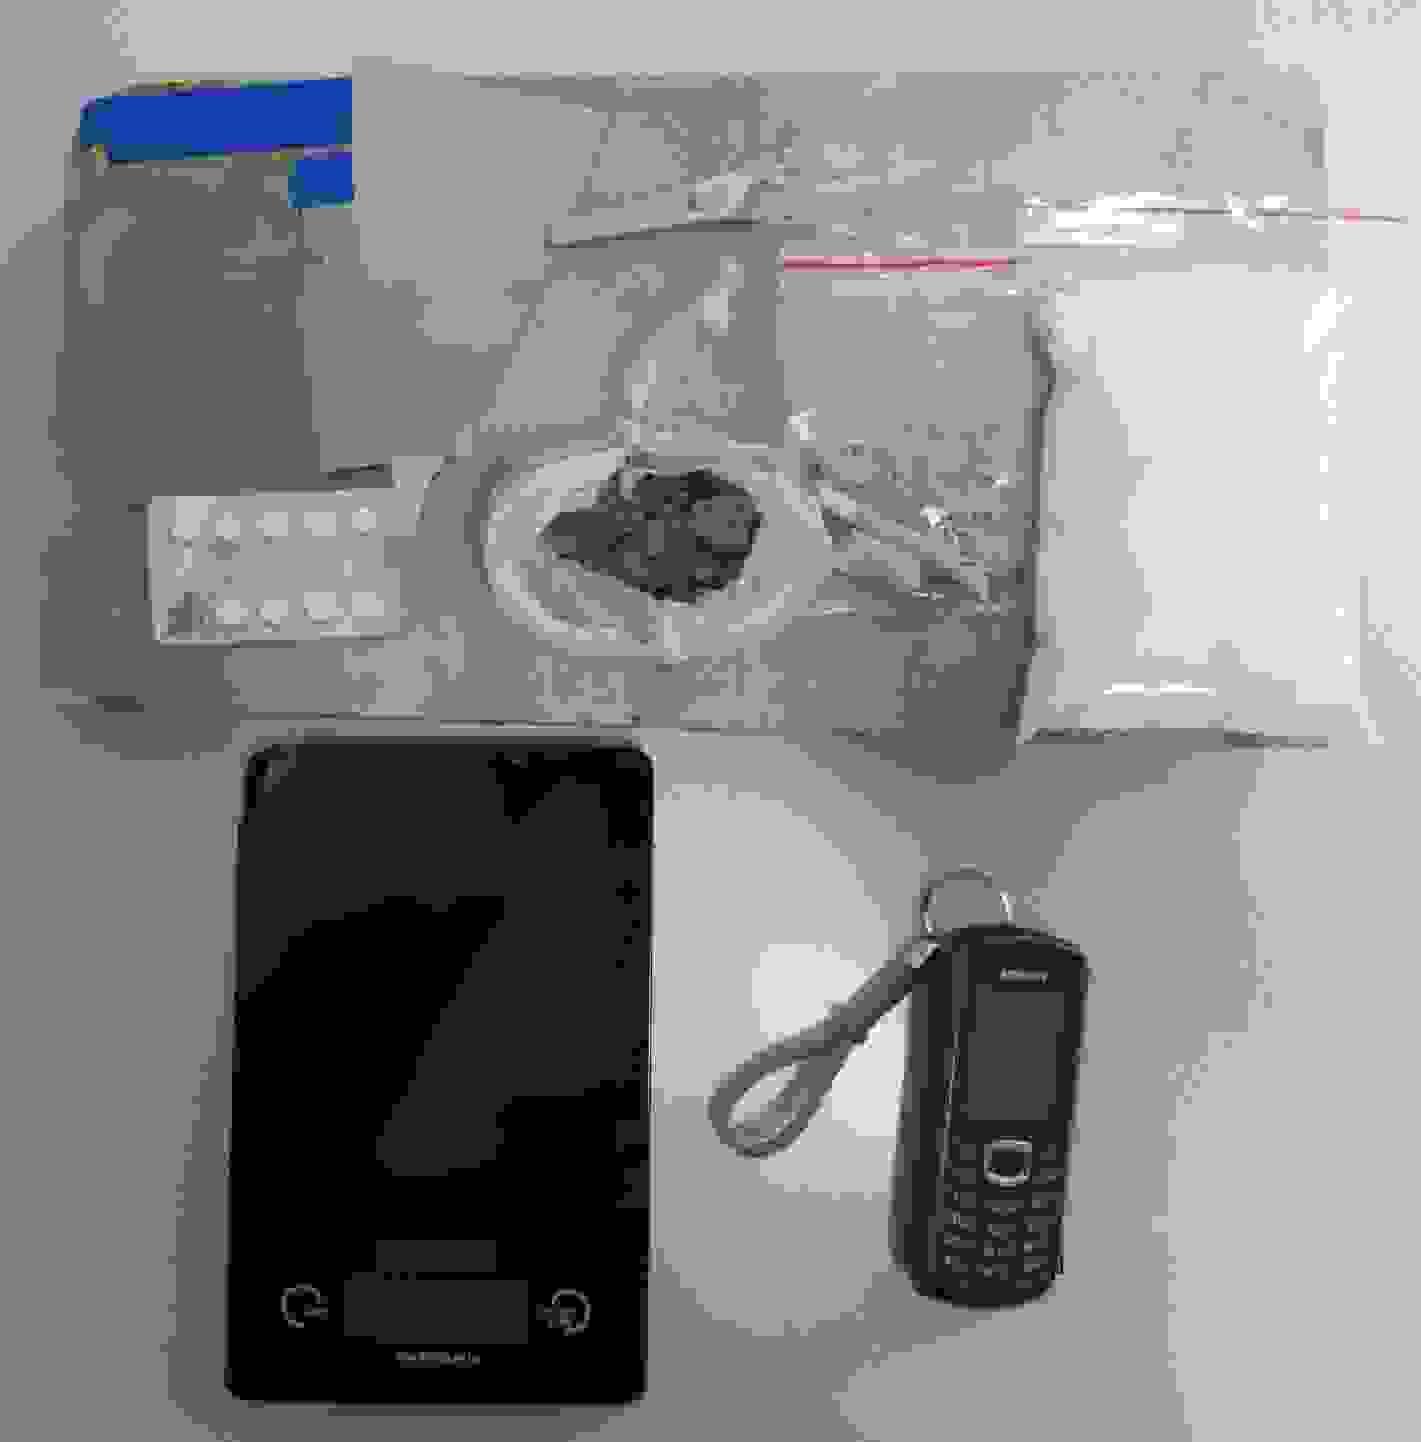 Συνελήφθη ημεδαπός για διακίνηση ναρκωτικών ουσιών στην Κεφαλονιά-Κατασχέθηκαν μεταξύ άλλων περισσότερα από 80 γραμμάρια ηρωίνη